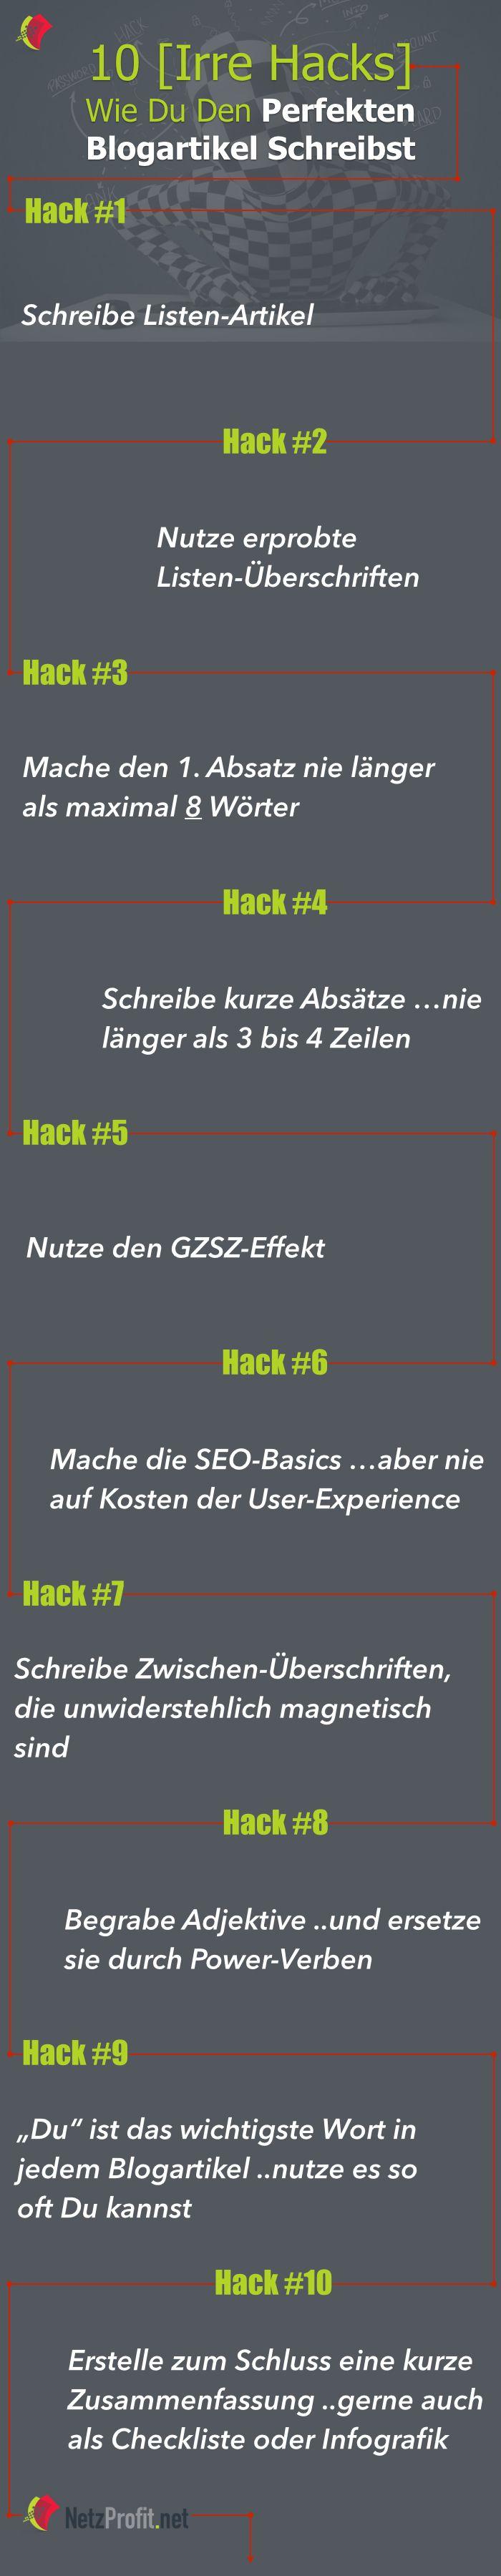 10 irre Hacks wie Du den perfekten Blogartikel schreibst - Infografik